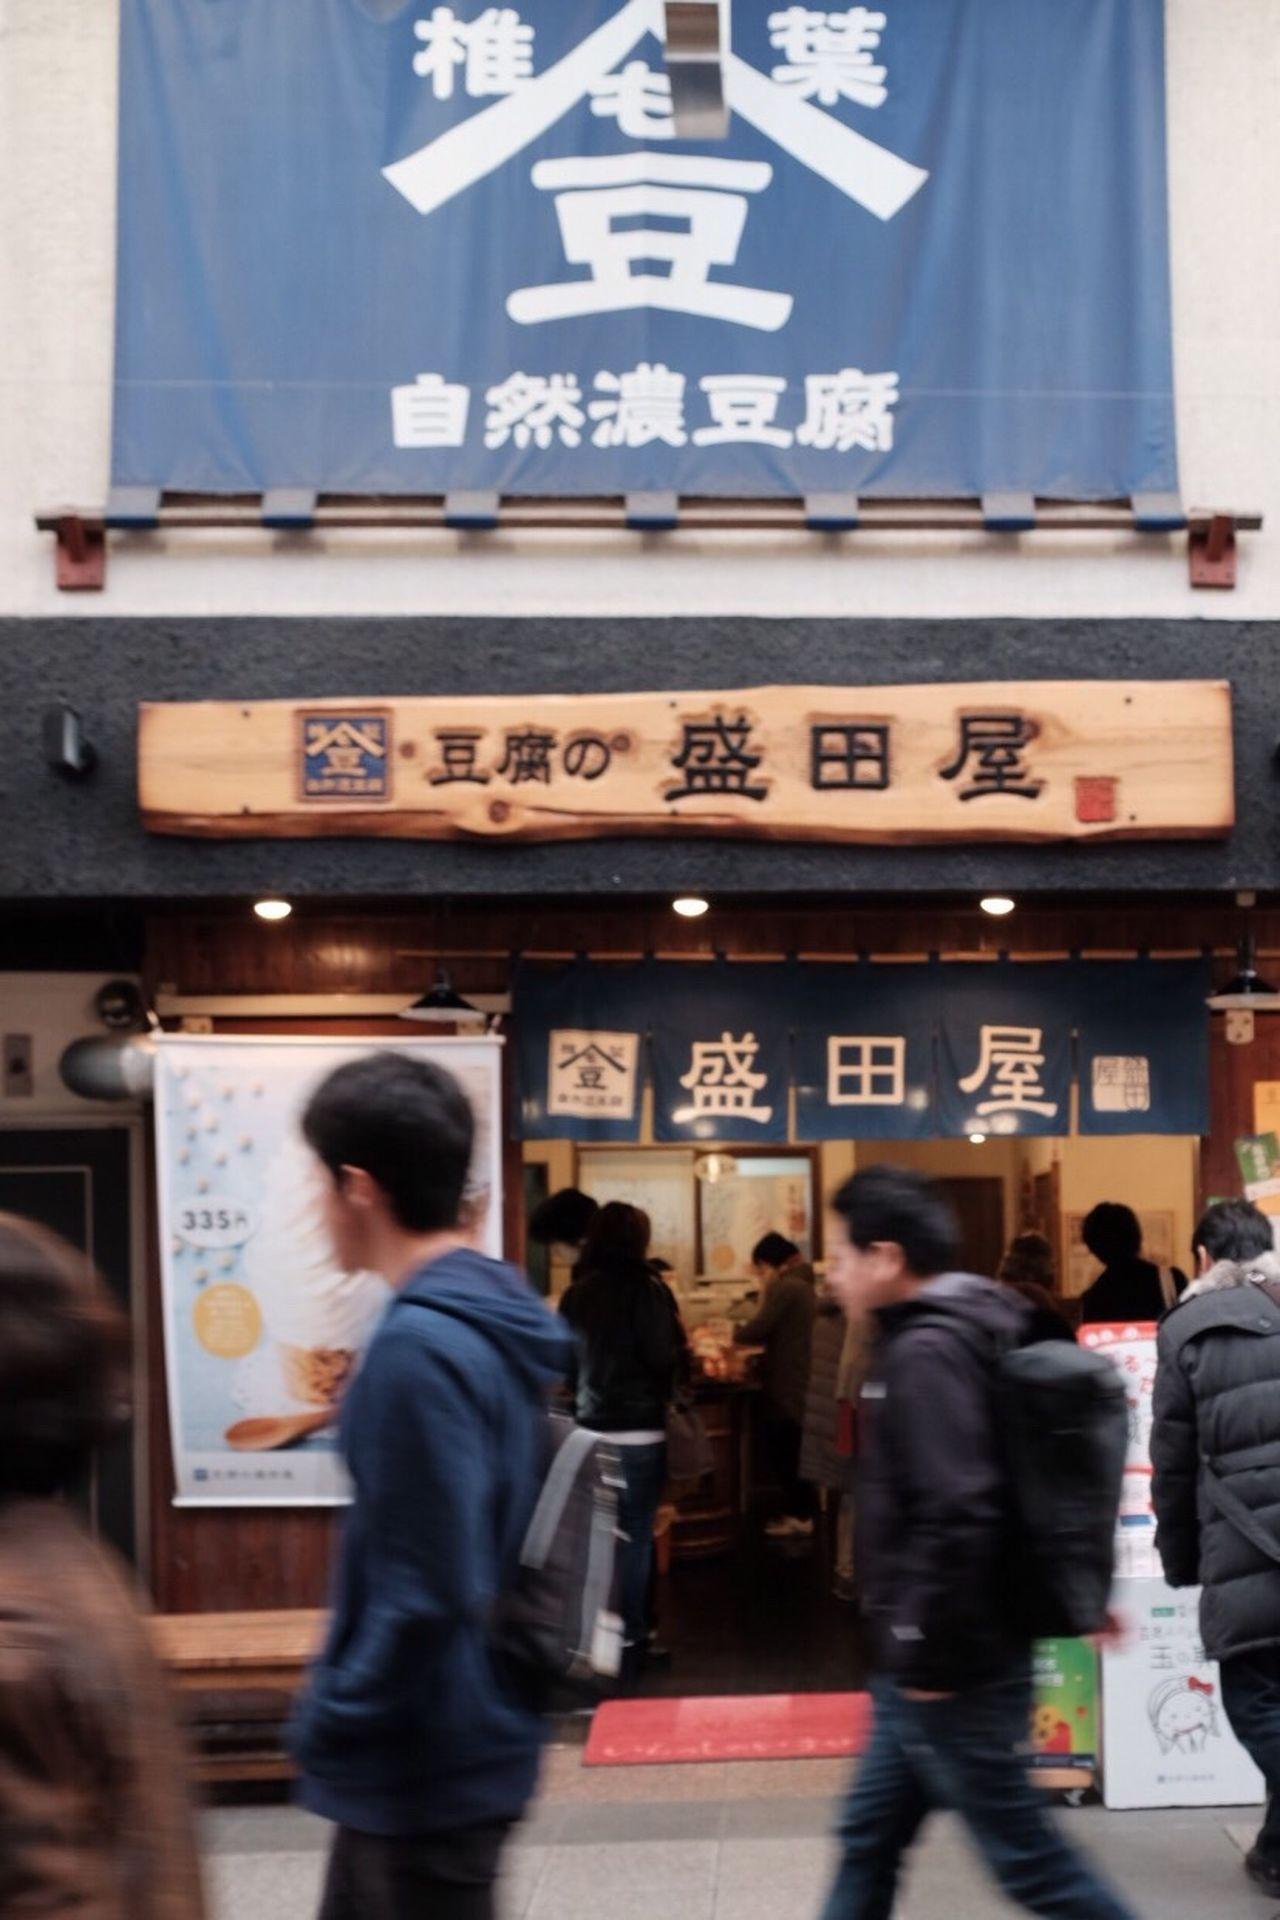 豆腐屋 川端商店街 City Architecture Built Structure Text Travel Destinations Women Men Building Exterior Outdoors Day People Adults Only Adult Fujifilm X-E2 Fujifilm_xseries Fukuoka Fukuoka,Japan Japan Japan Photography